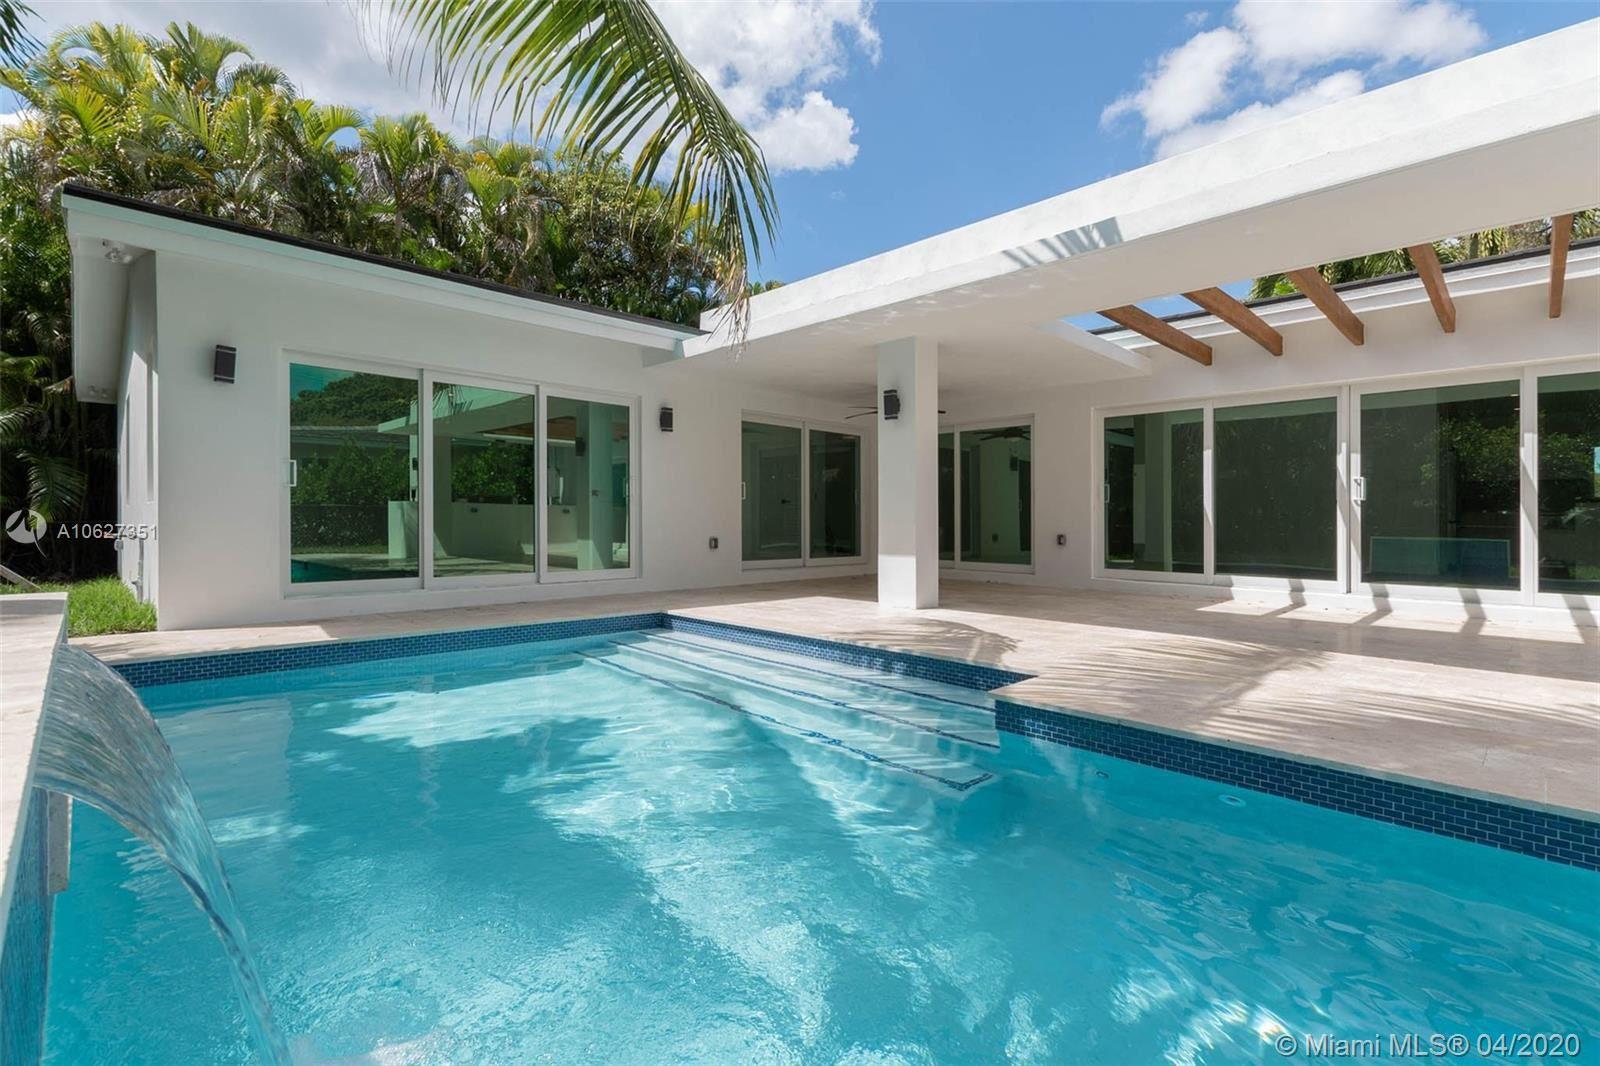 416 Como Ave, Coral Gables, FL 33146 - #: A10627351